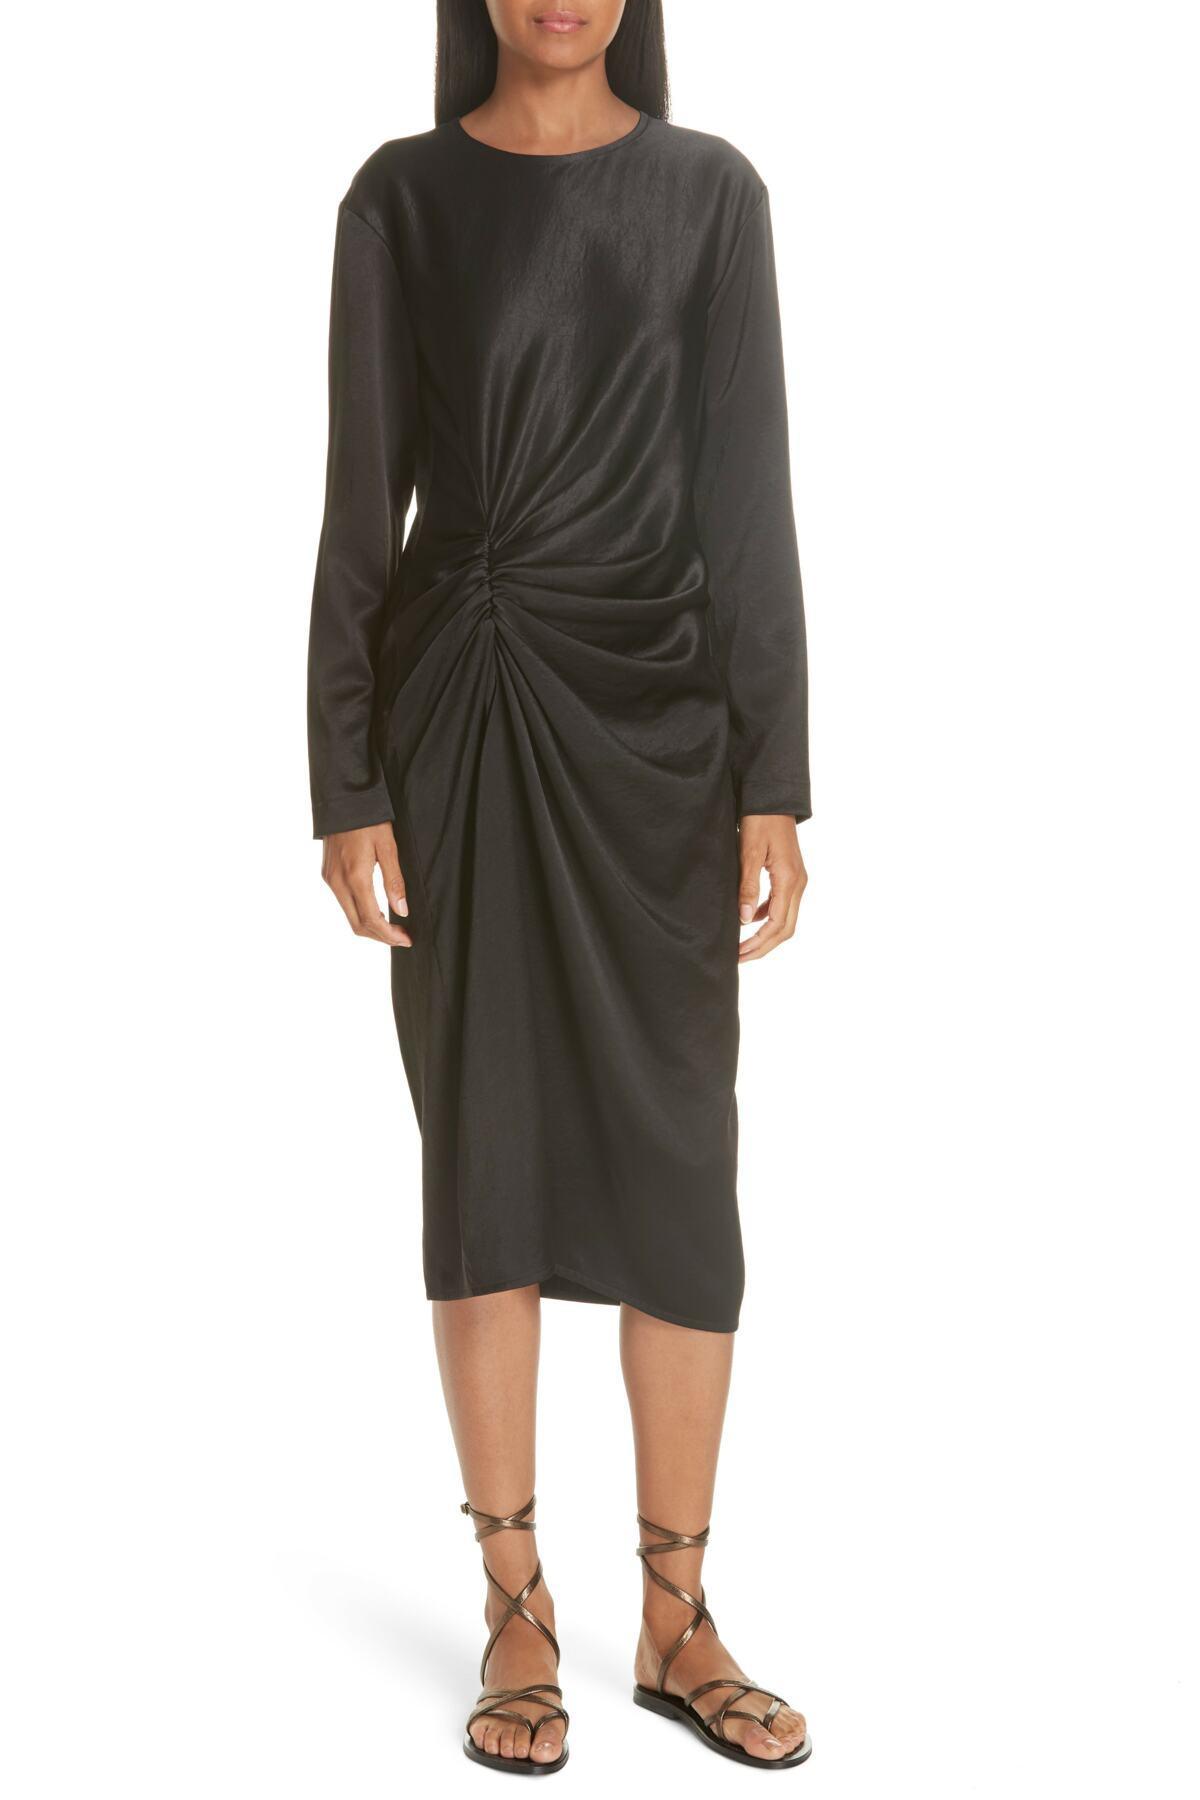 9d7269218d280 Lyst - Helmut Lang Ruched Crinkle Satin Dress in Black - Save ...